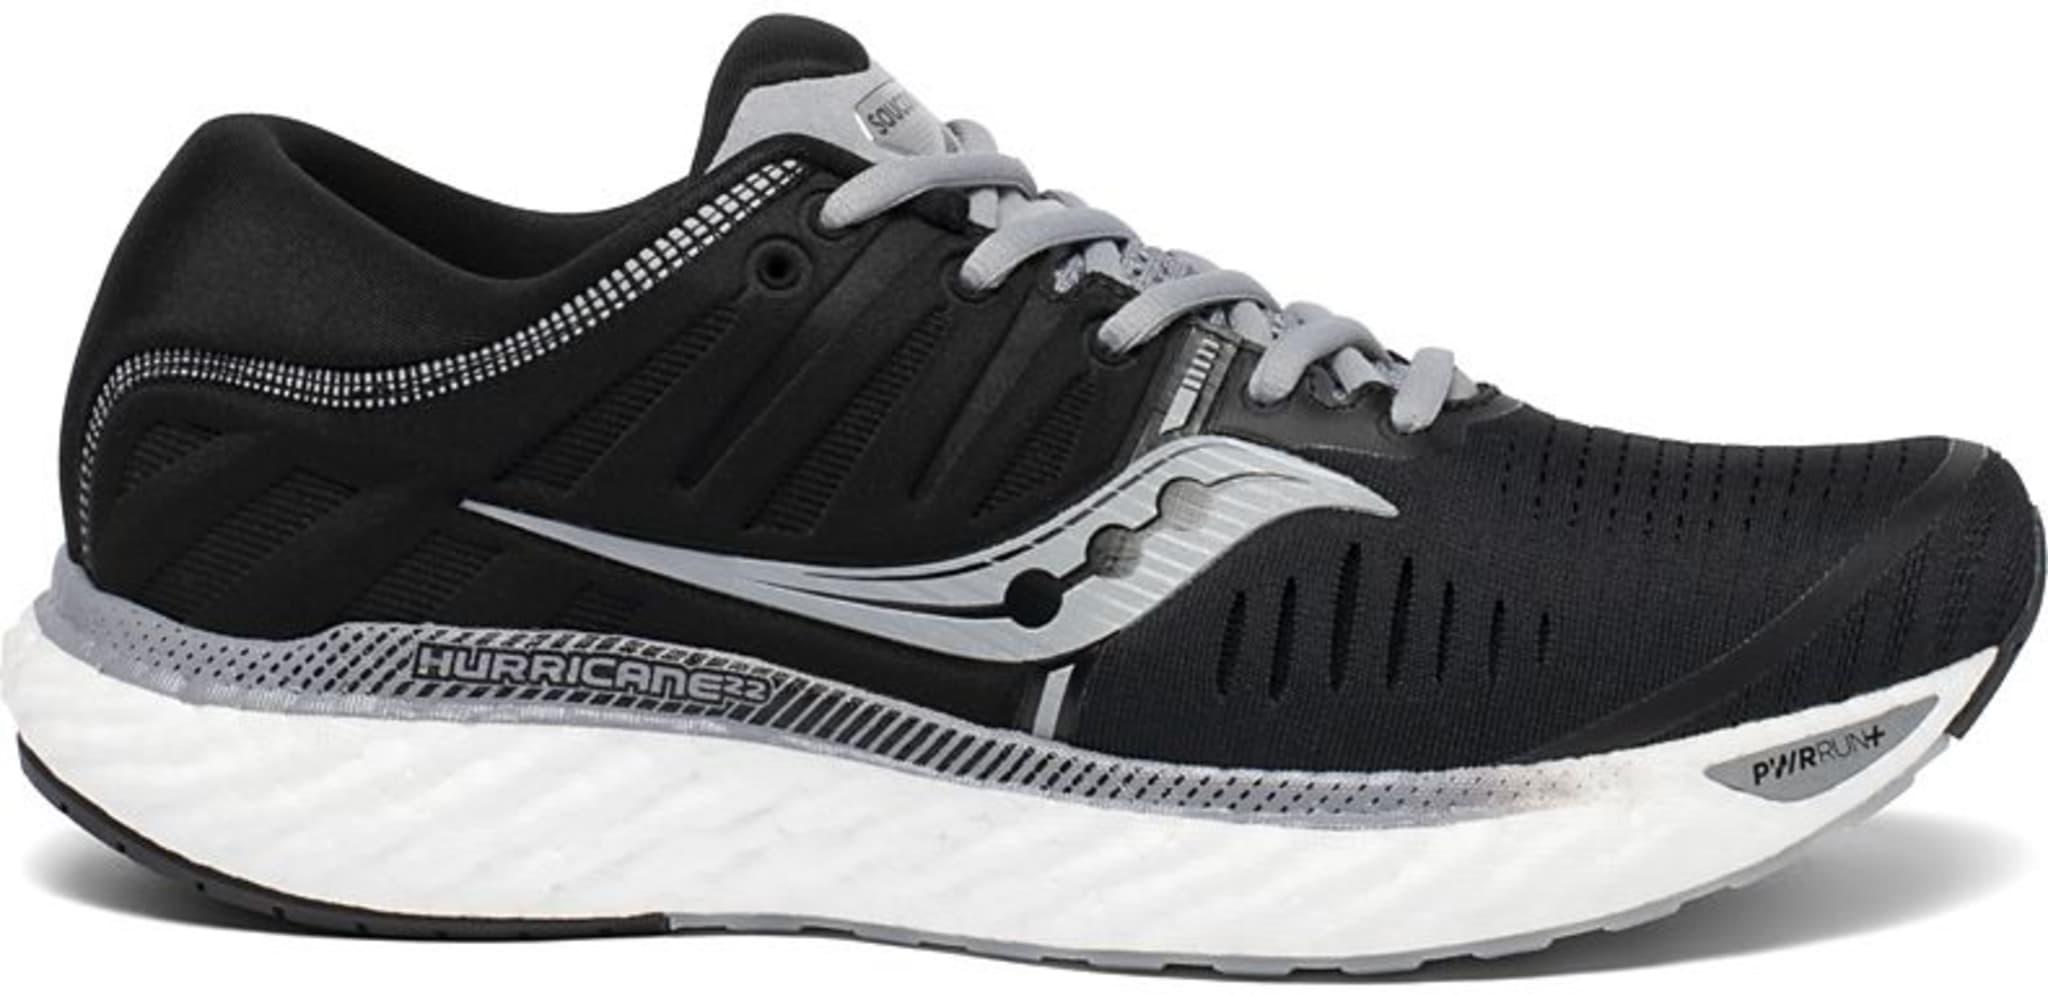 Mengdetrenings sko med pronasjonsstøtte!